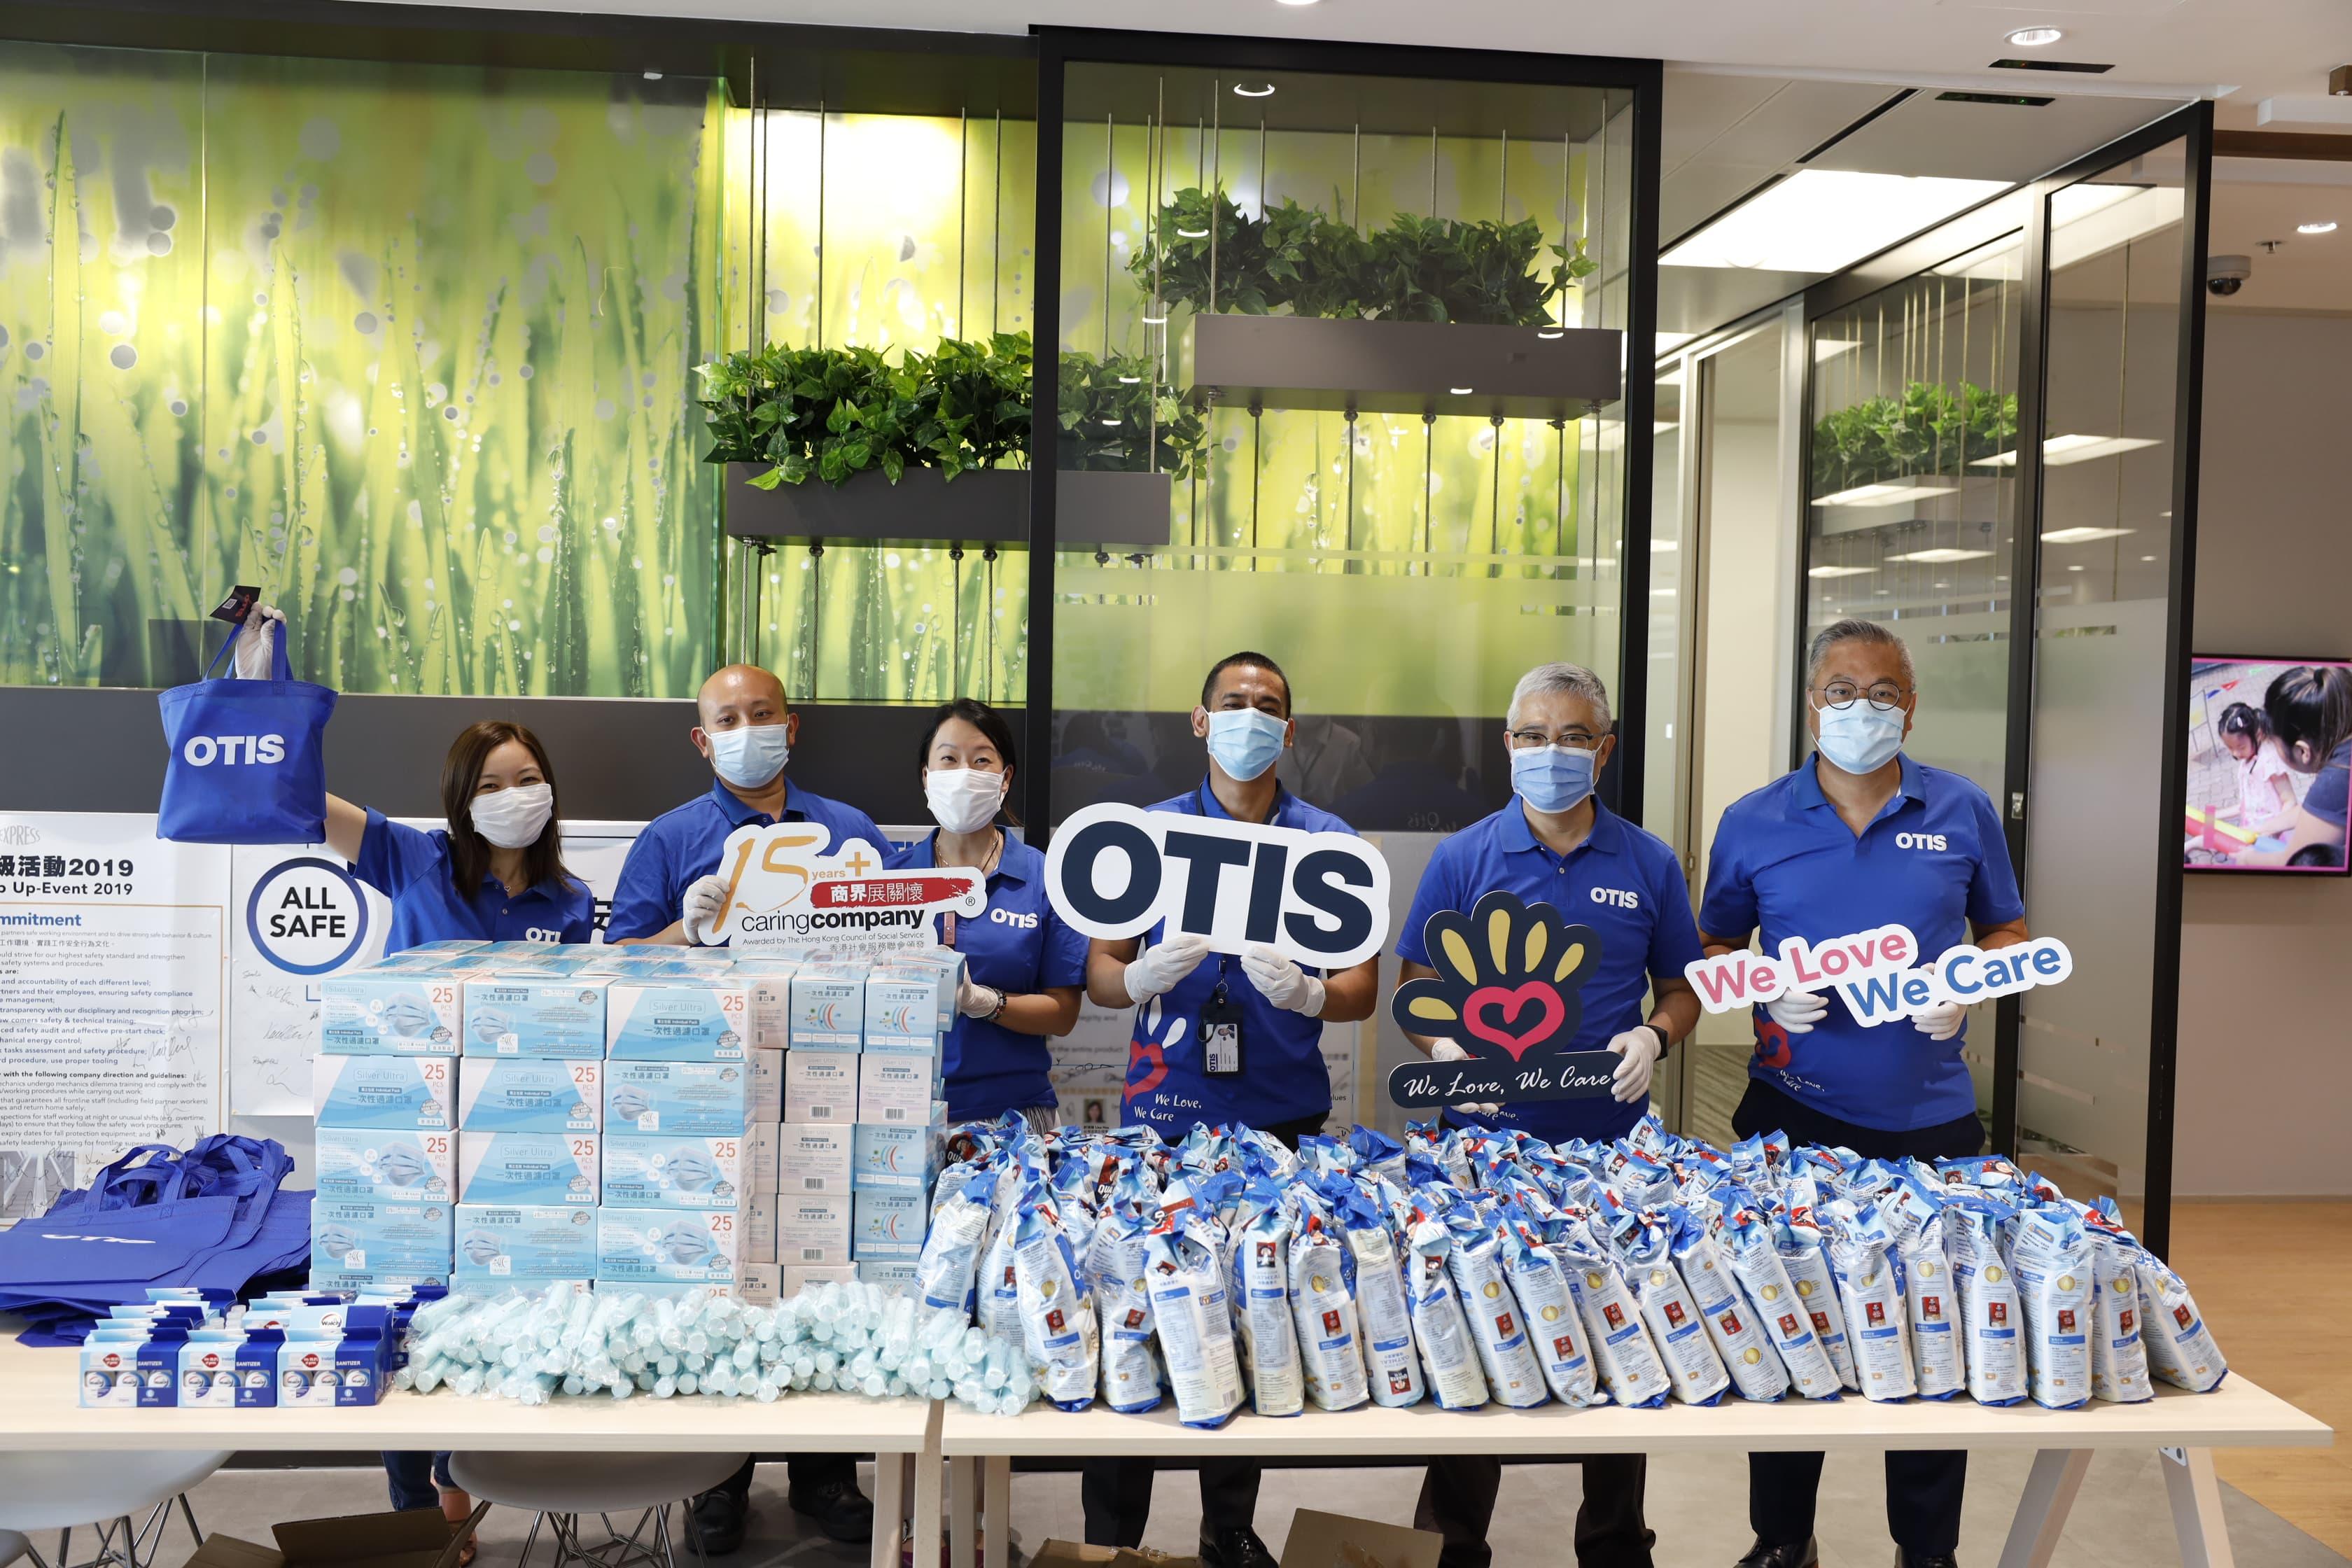 Otis_Caring_Company_Award_newsroom